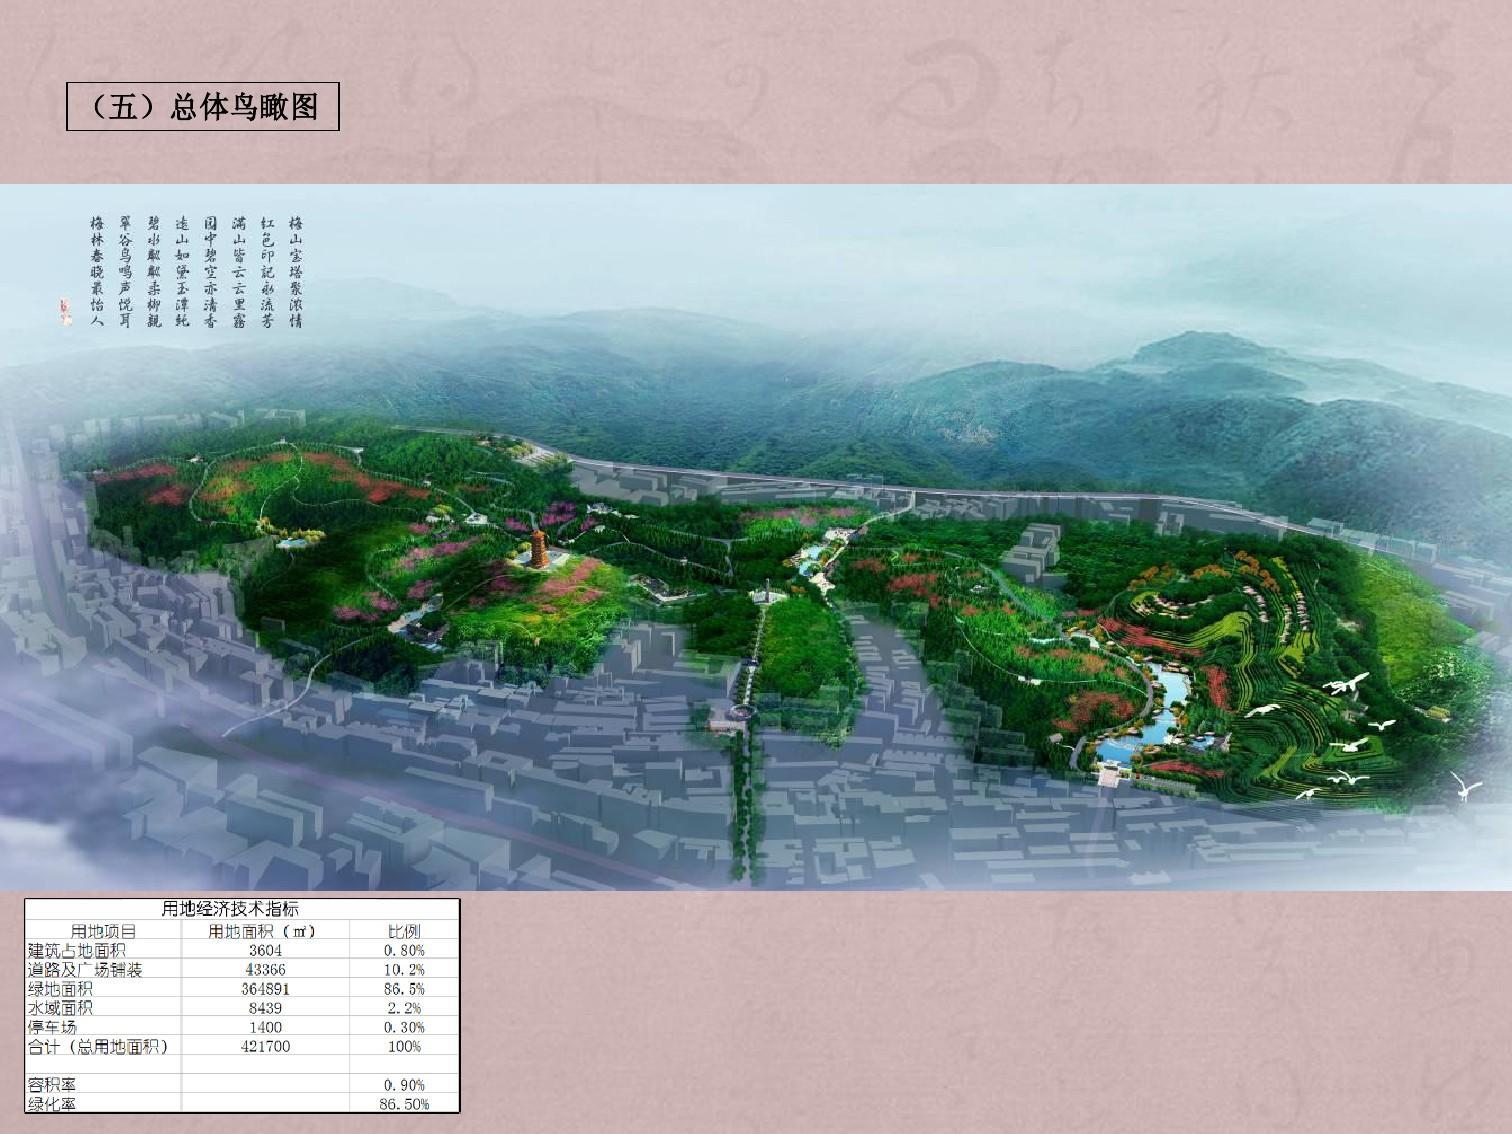 某公园方案构思景观设计全套汇报方案(上)ppt图片